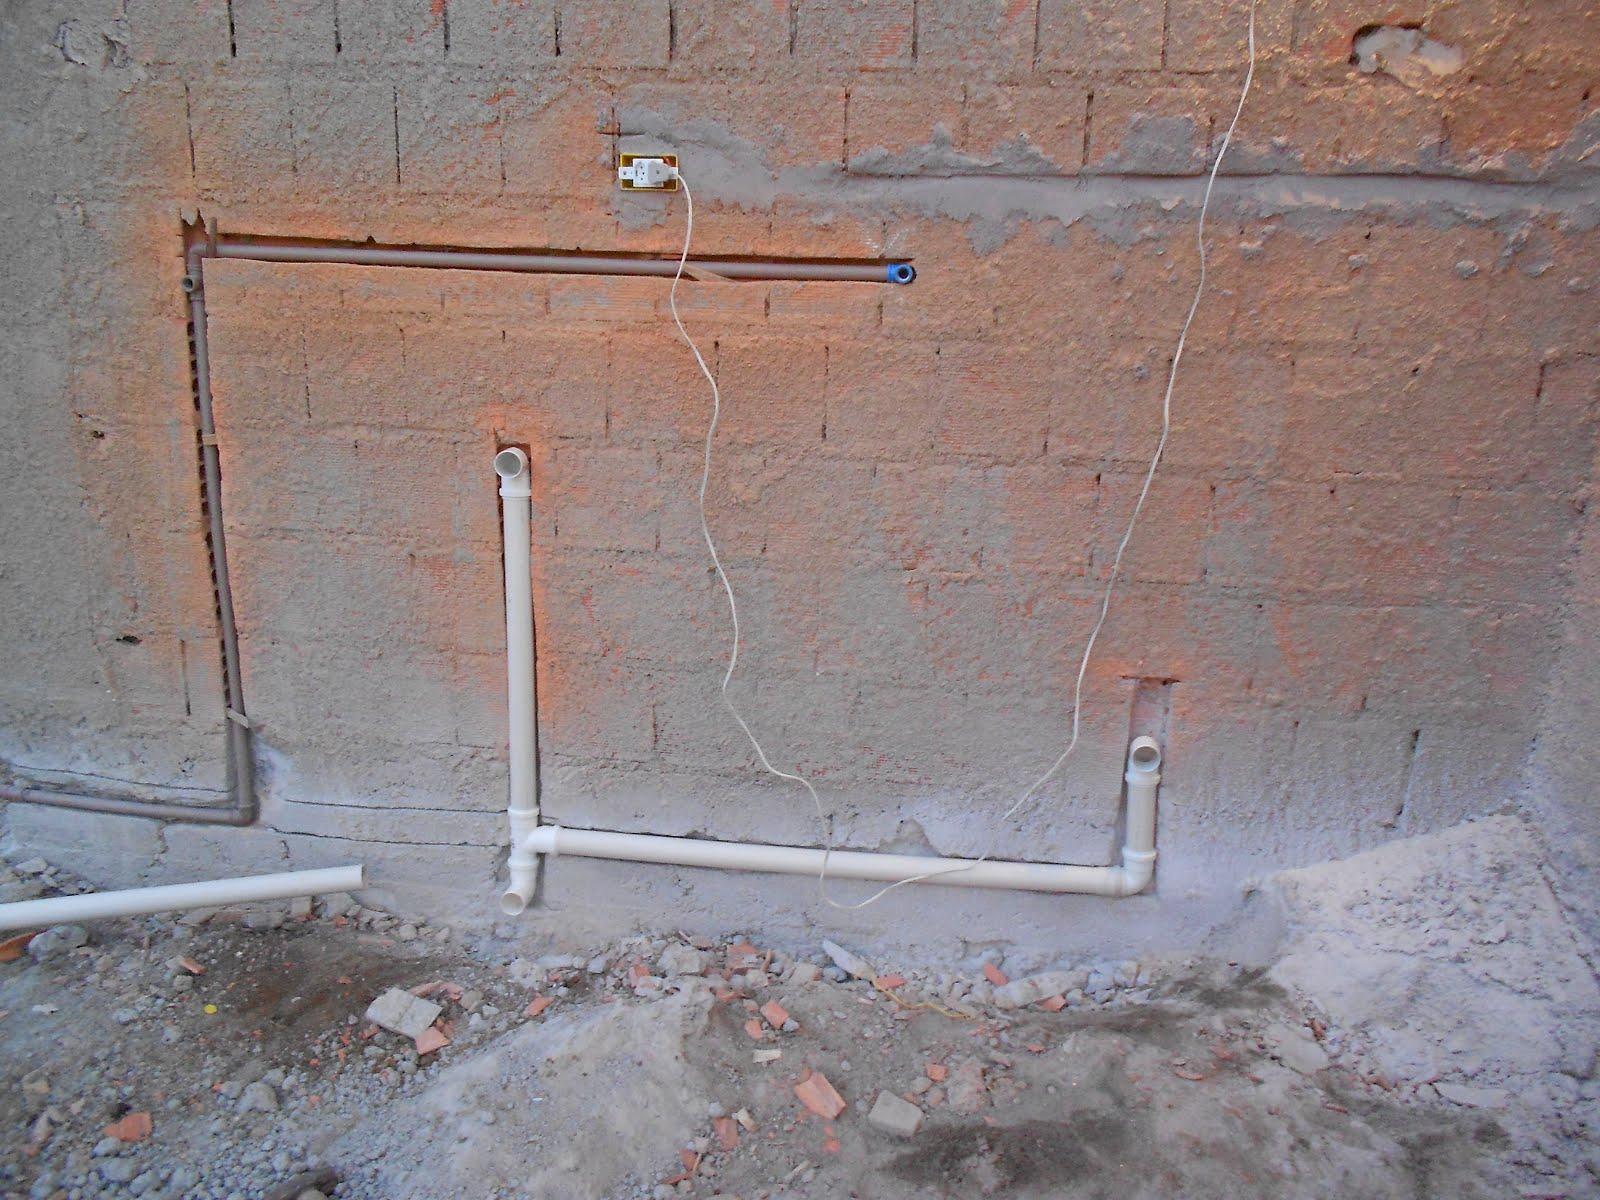 Meu Diário: Encanamento da area de serviço e esgoto ok! #825949 1600x1200 Banheiro Com Cheiro De Esgoto